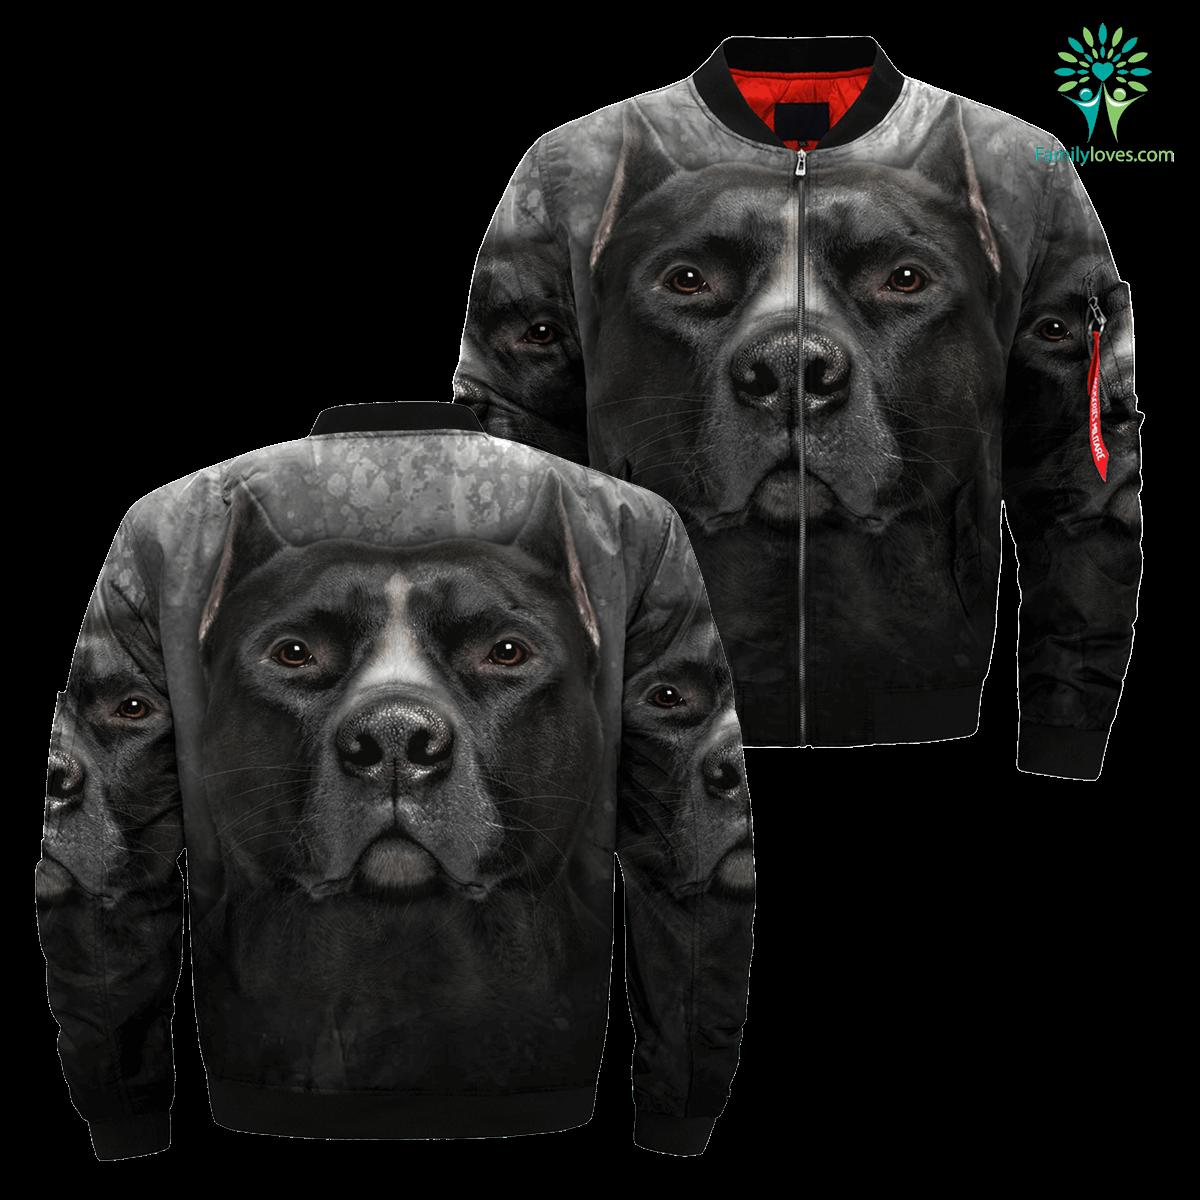 black-pitbull-over_26efa747-474c-714a-098c-1493a599b02e Black Pitbull over print jacket  %tag